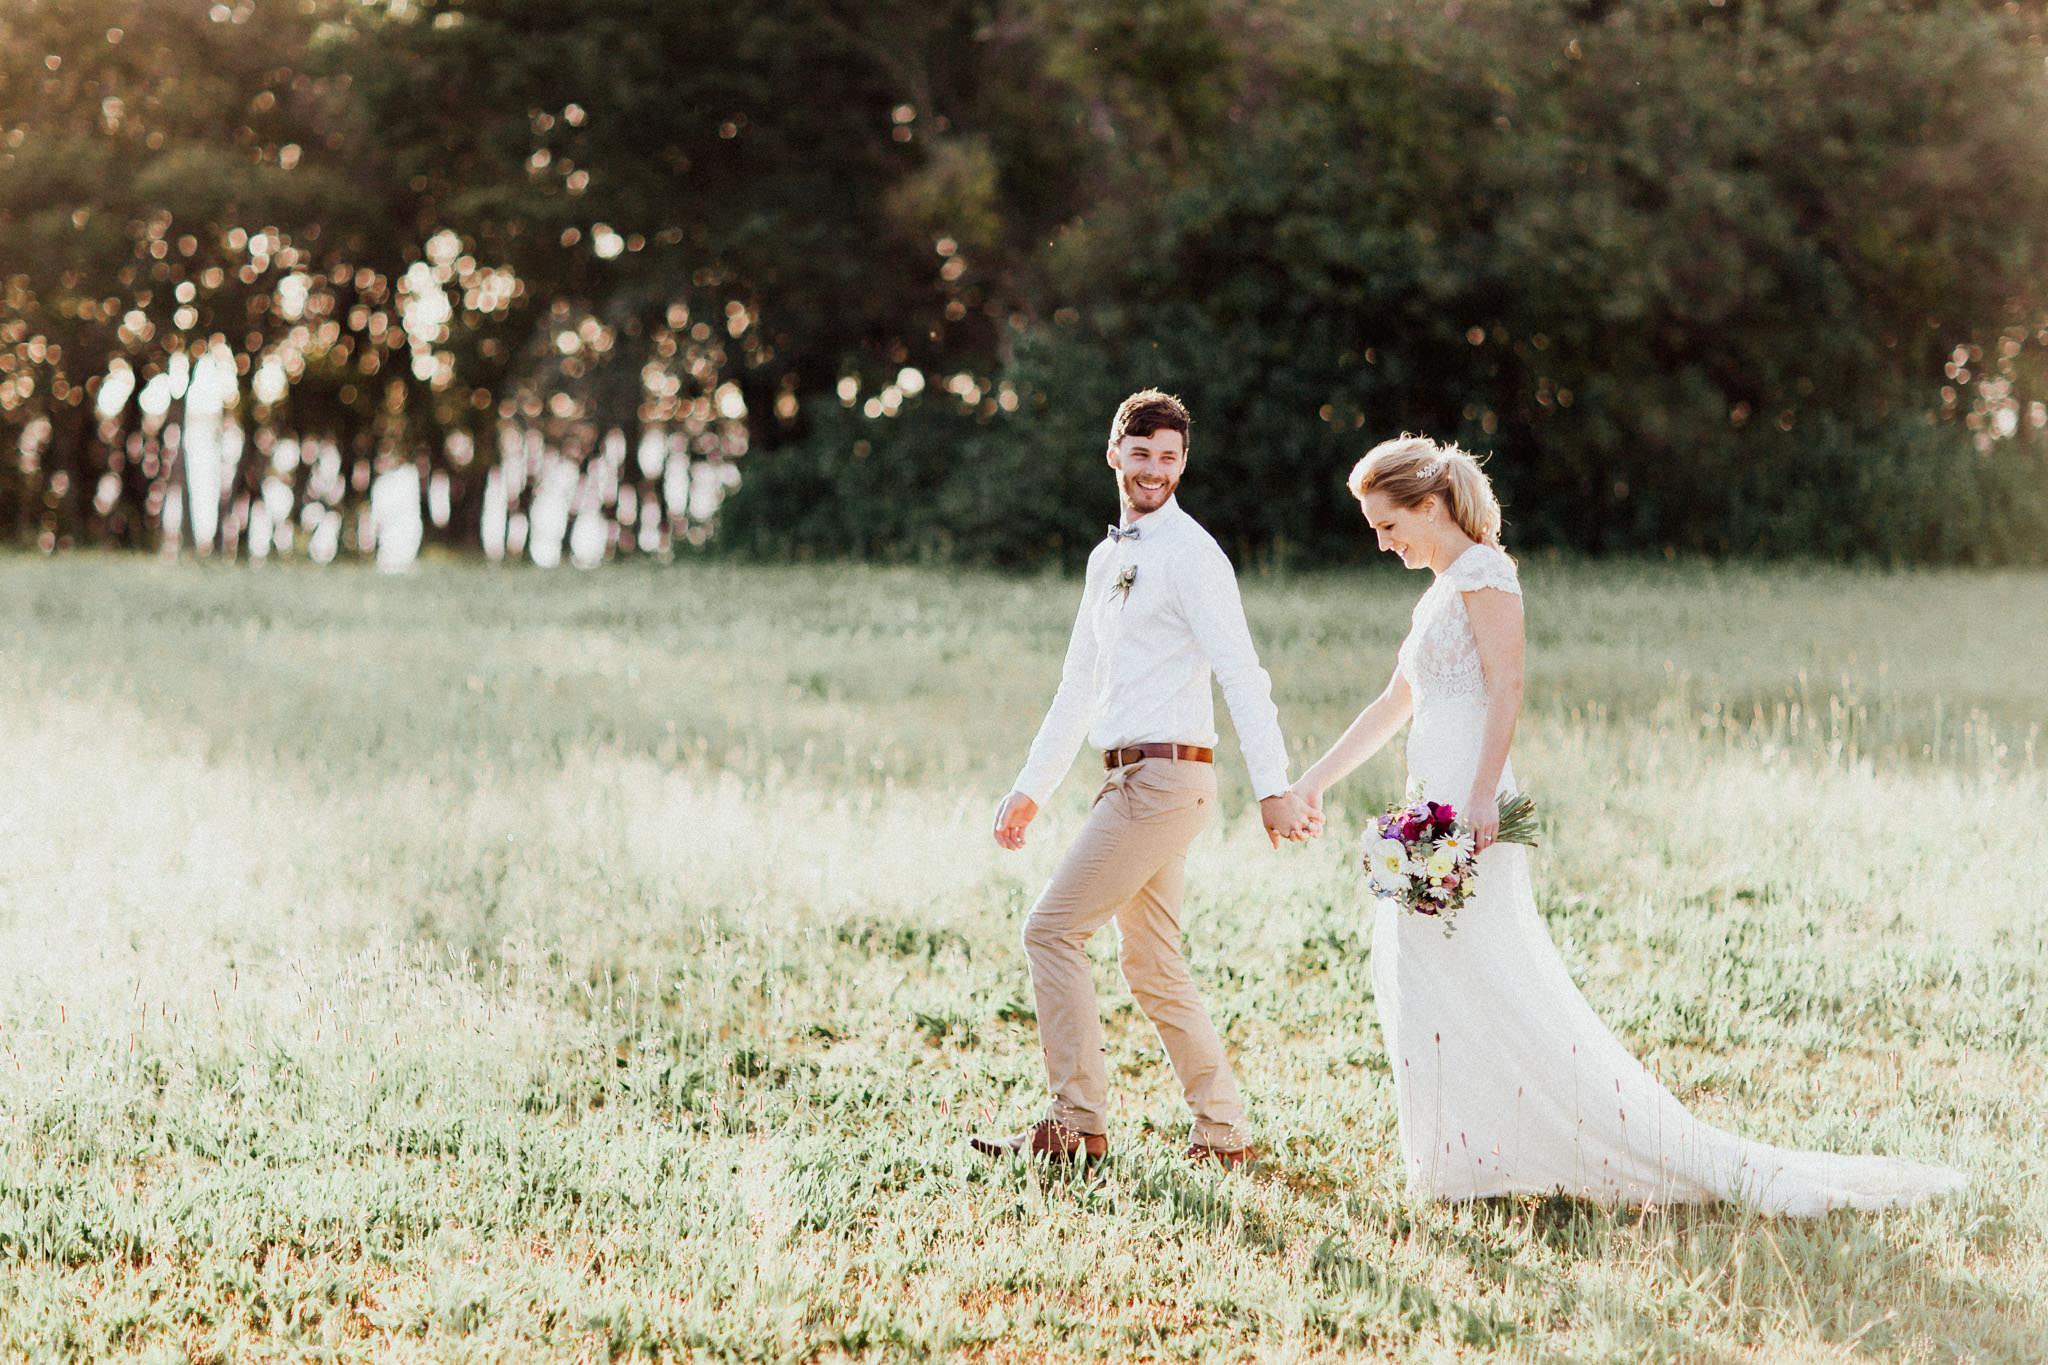 WeddingPhotos_Facebook_2048pixels-1580.jpg